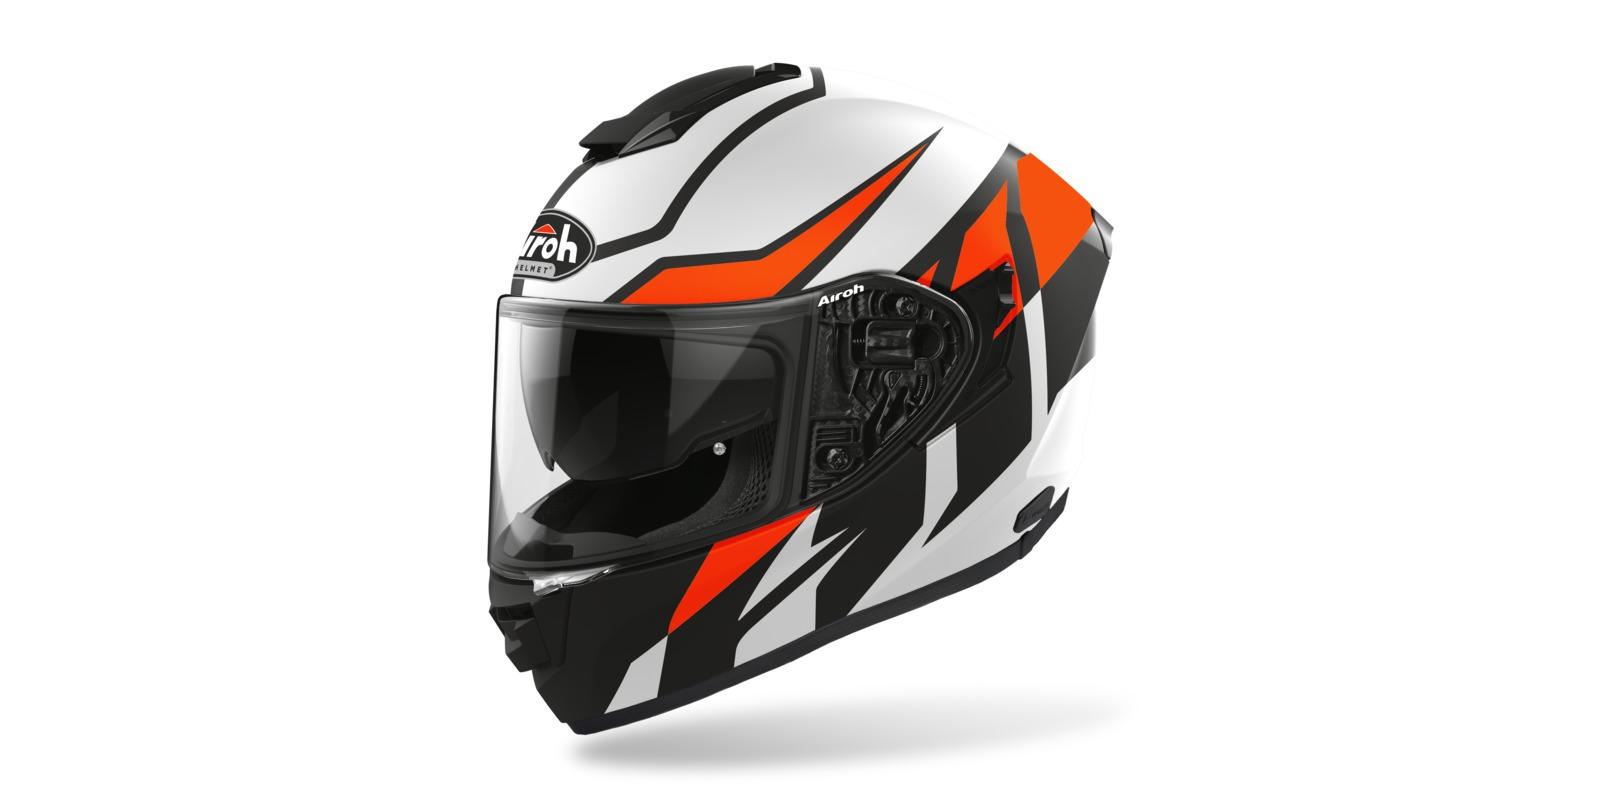 přilba ST 501 FROST, AIROH - Itálie (černá/bílá/oranžová-matná)